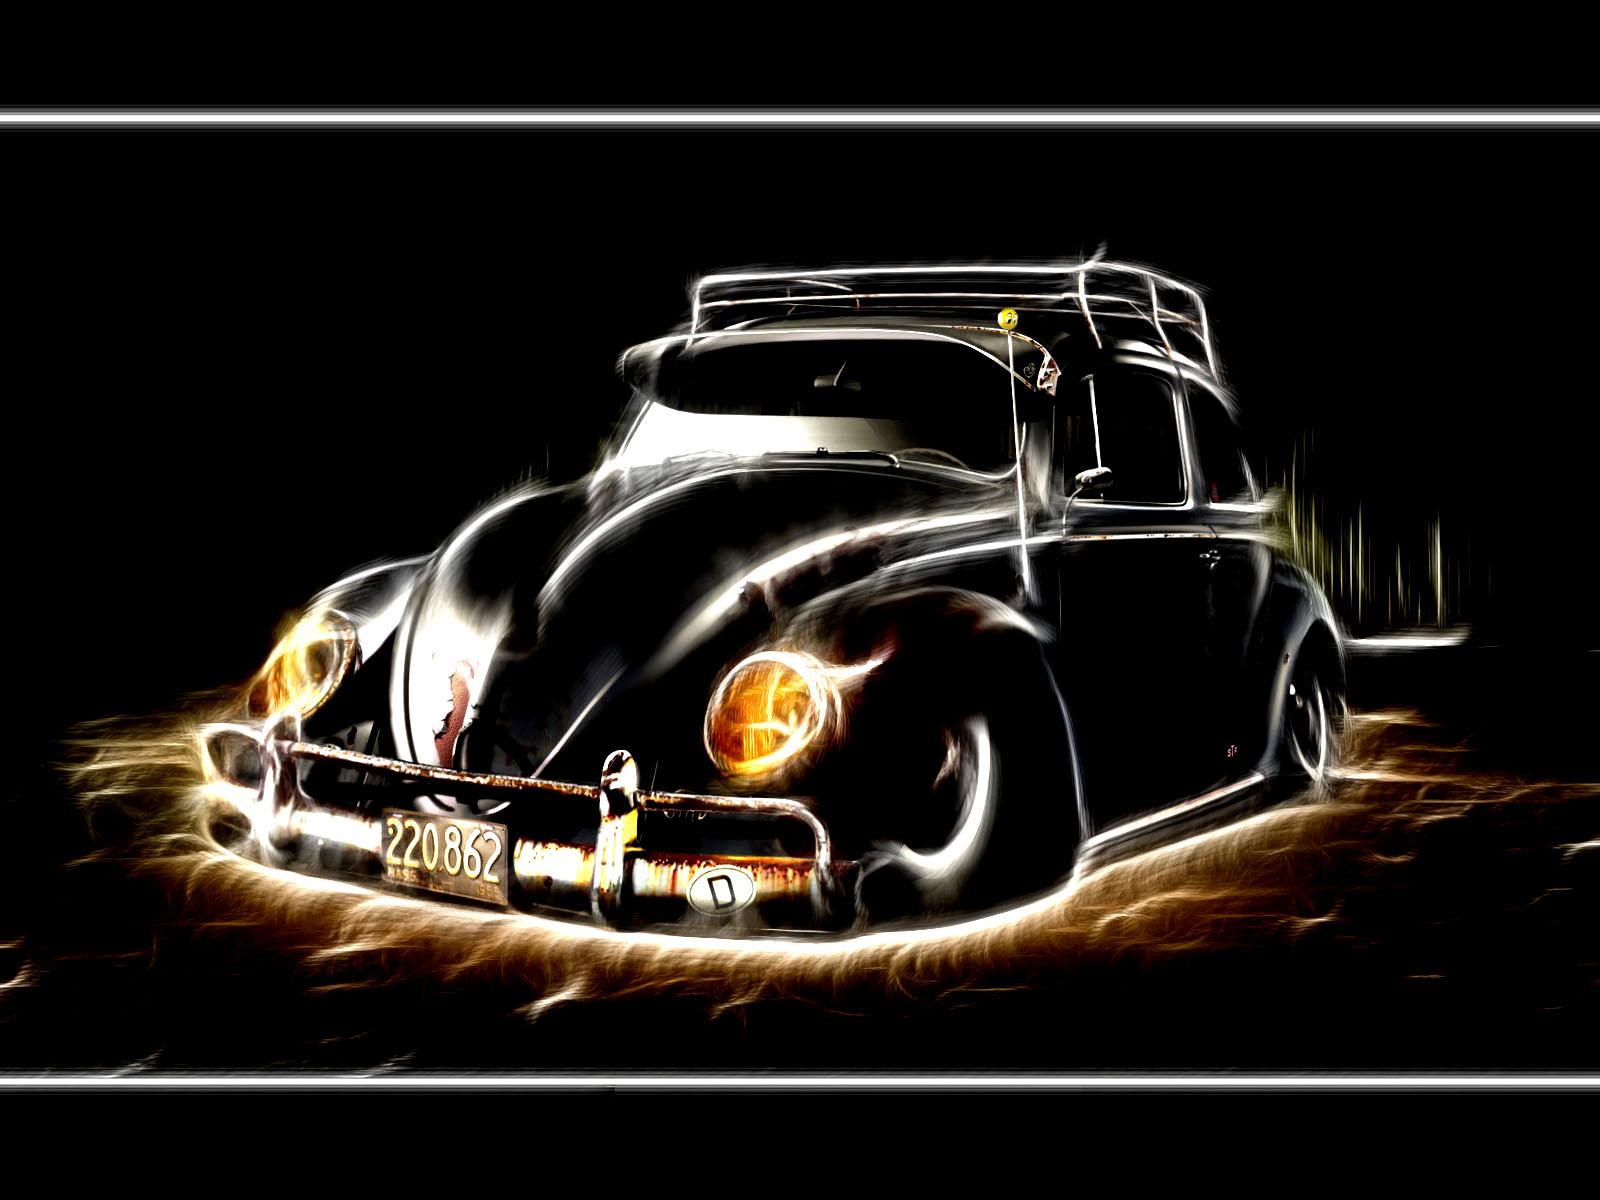 Volkswagen Beetle Computer Wallpapers Desktop Backgrounds 1600x1200 1600x1200